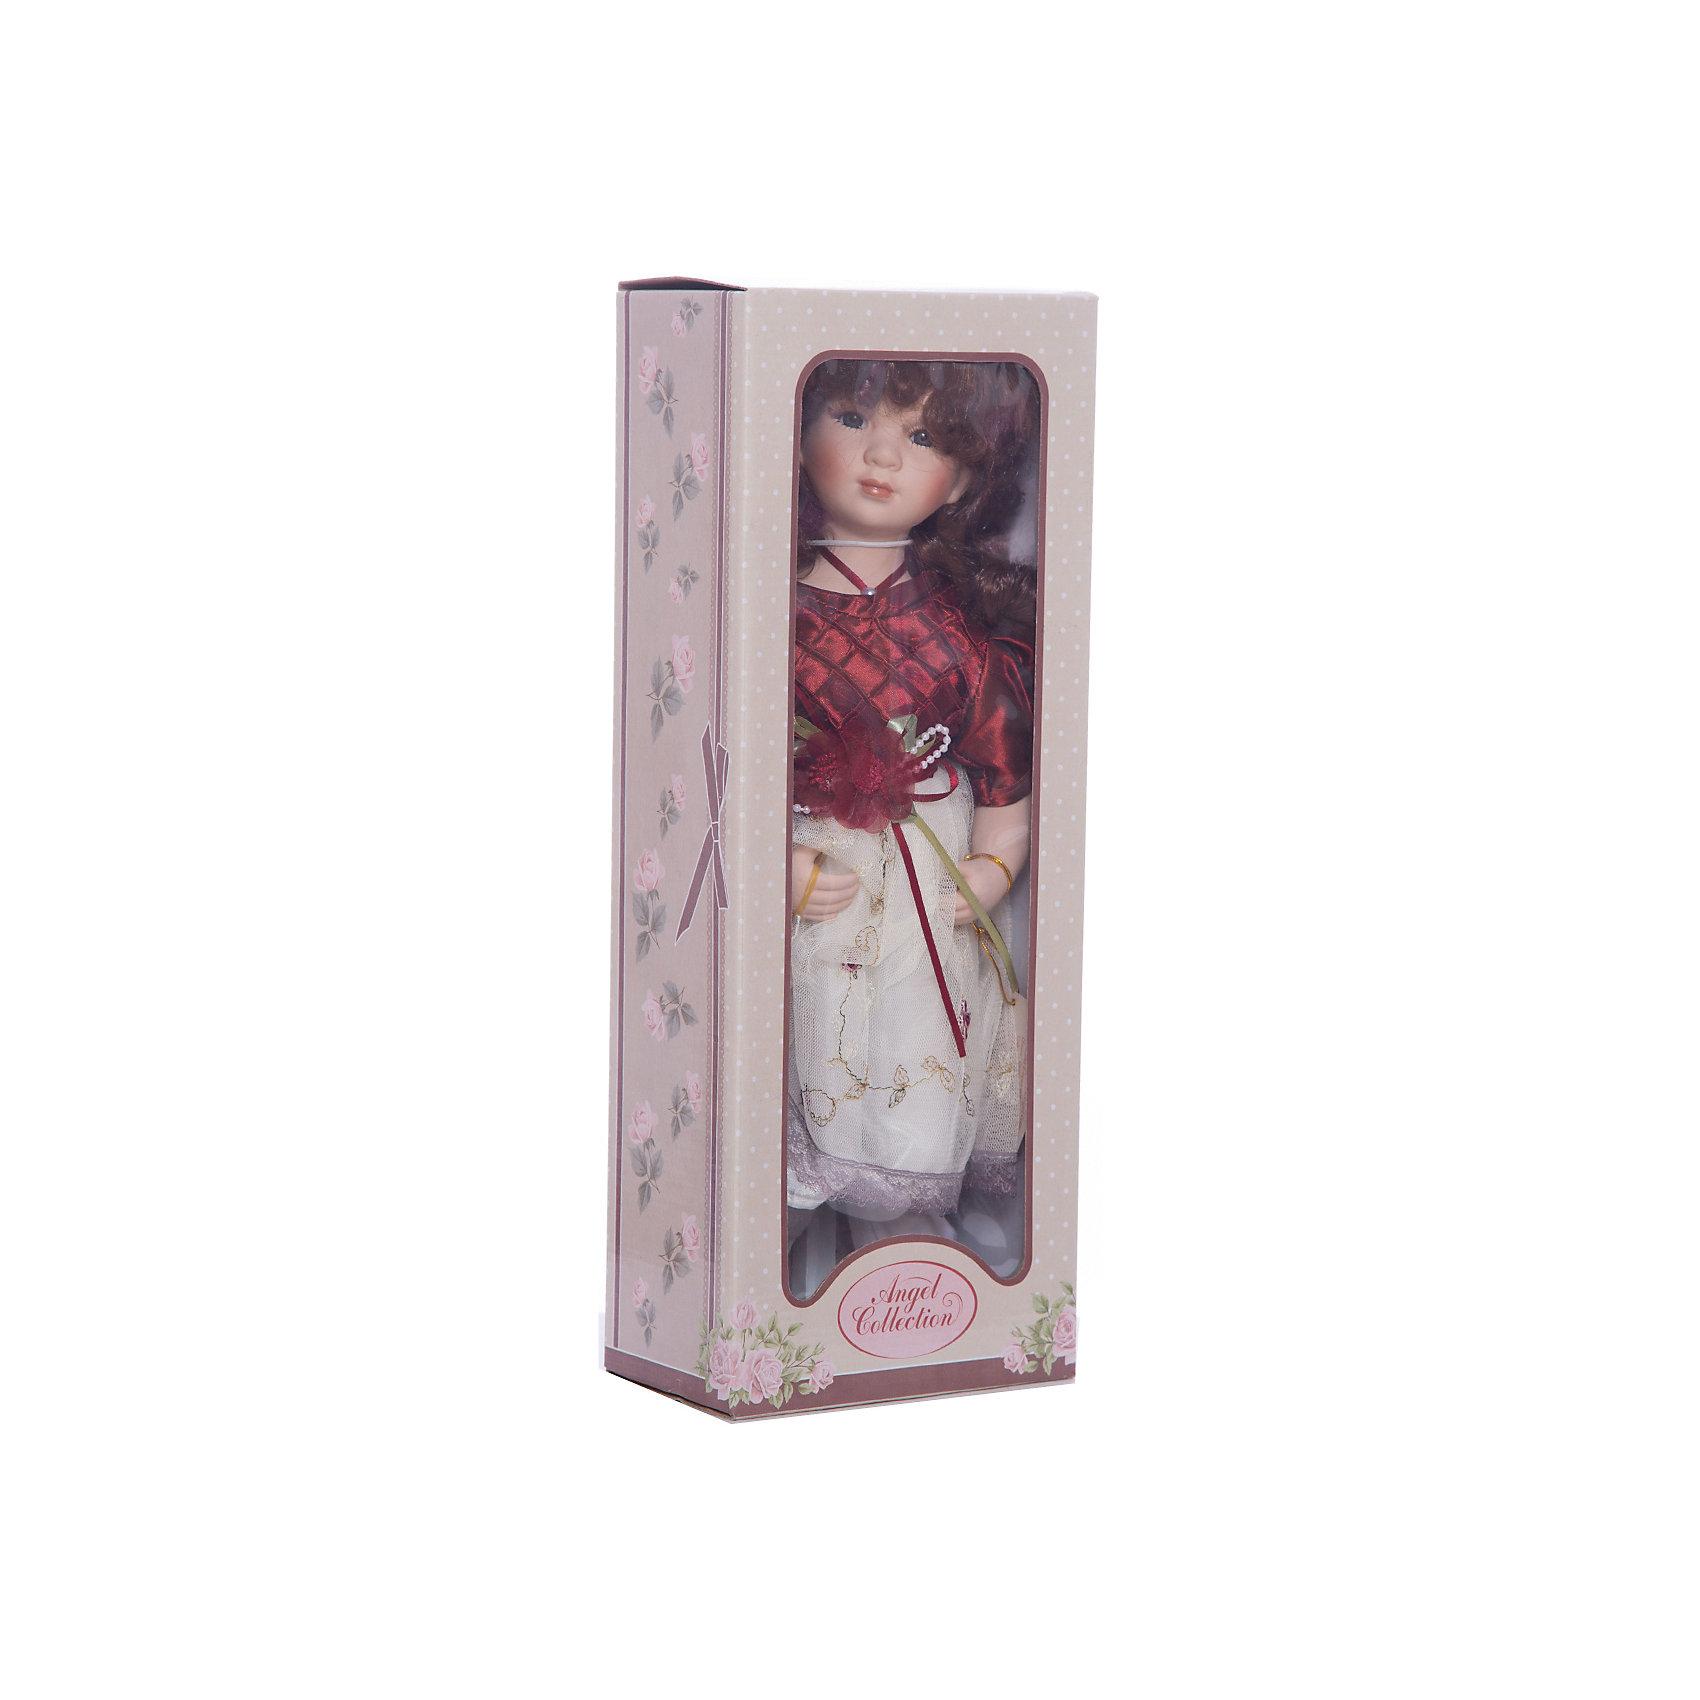 Фарфоровая кукла Венди, 40 см, Angel CollectionБренды кукол<br>Фарфоровая кукла Венди, 40 см, Angel Collection.<br><br>Характеристики:<br><br>• Высота куклы: 40 см.<br>• Материал: фарфор, текстиль<br>• Упаковка: картонная коробка блистерного типа<br><br>Фарфоровая кукла «Венди», Angel Collection изготовлена с большим вниманием к мелким деталям, благодаря этому она очень красива и привлекательна. Кудрявые волосы куклы выглядят как настоящие, а блеск в глазах, которого производитель добился благодаря специальному стеклу в составе, делает Венди живой. Кукла одета в красивое платье с пышной юбочкой, на ногах – туфельки, в руках - зонтик. Кукла установлена на специальную подставку. <br><br>Фарфоровая красавица Венди - это не просто игрушка, а также украшение для интерьера или ценный экспонат коллекции. Каждая кукла в серии Angel Collection, обладает неповторимым образом - принцессы, феи, маленькие девочки, роскошные невесты и т.д. Изысканные наряды и очаровательная матовость фарфора превращают этих кукол в настоящее произведение искусства. Куклы Angel Collection сделаны из уникальной голубой глины, добываемой только в провинции Tai-Nan Shin, Тайвань.<br><br>Фарфоровую куклу Венди, 40 см, Angel Collection можно купить в нашем интернет-магазине.<br><br>Ширина мм: 160<br>Глубина мм: 420<br>Высота мм: 95<br>Вес г: 833<br>Возраст от месяцев: 36<br>Возраст до месяцев: 2147483647<br>Пол: Женский<br>Возраст: Детский<br>SKU: 5400286